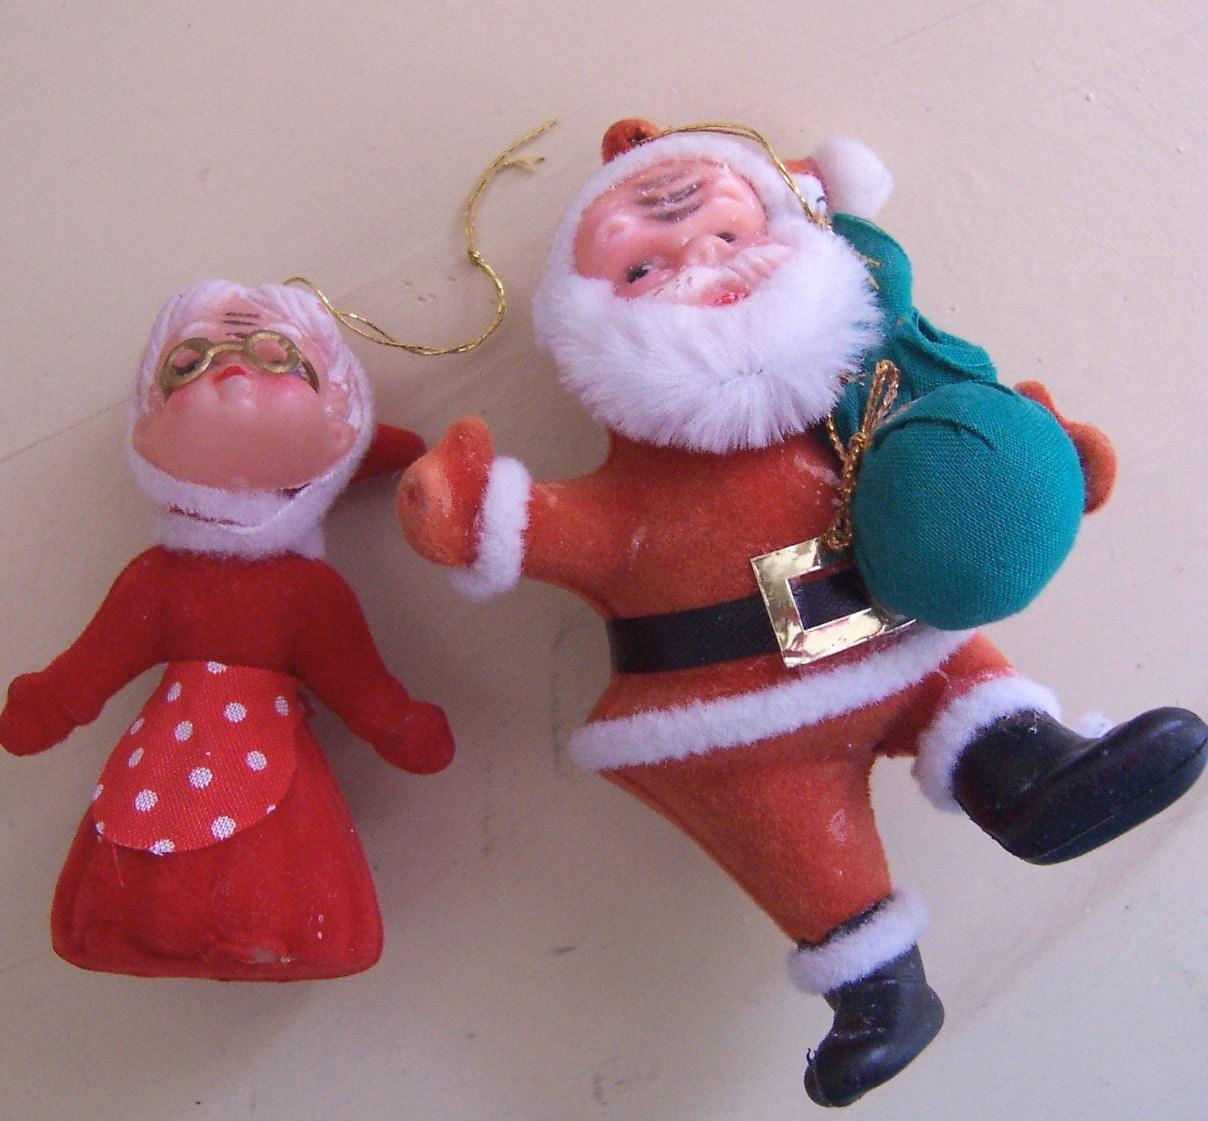 Mrs claus and santa plastic figurines